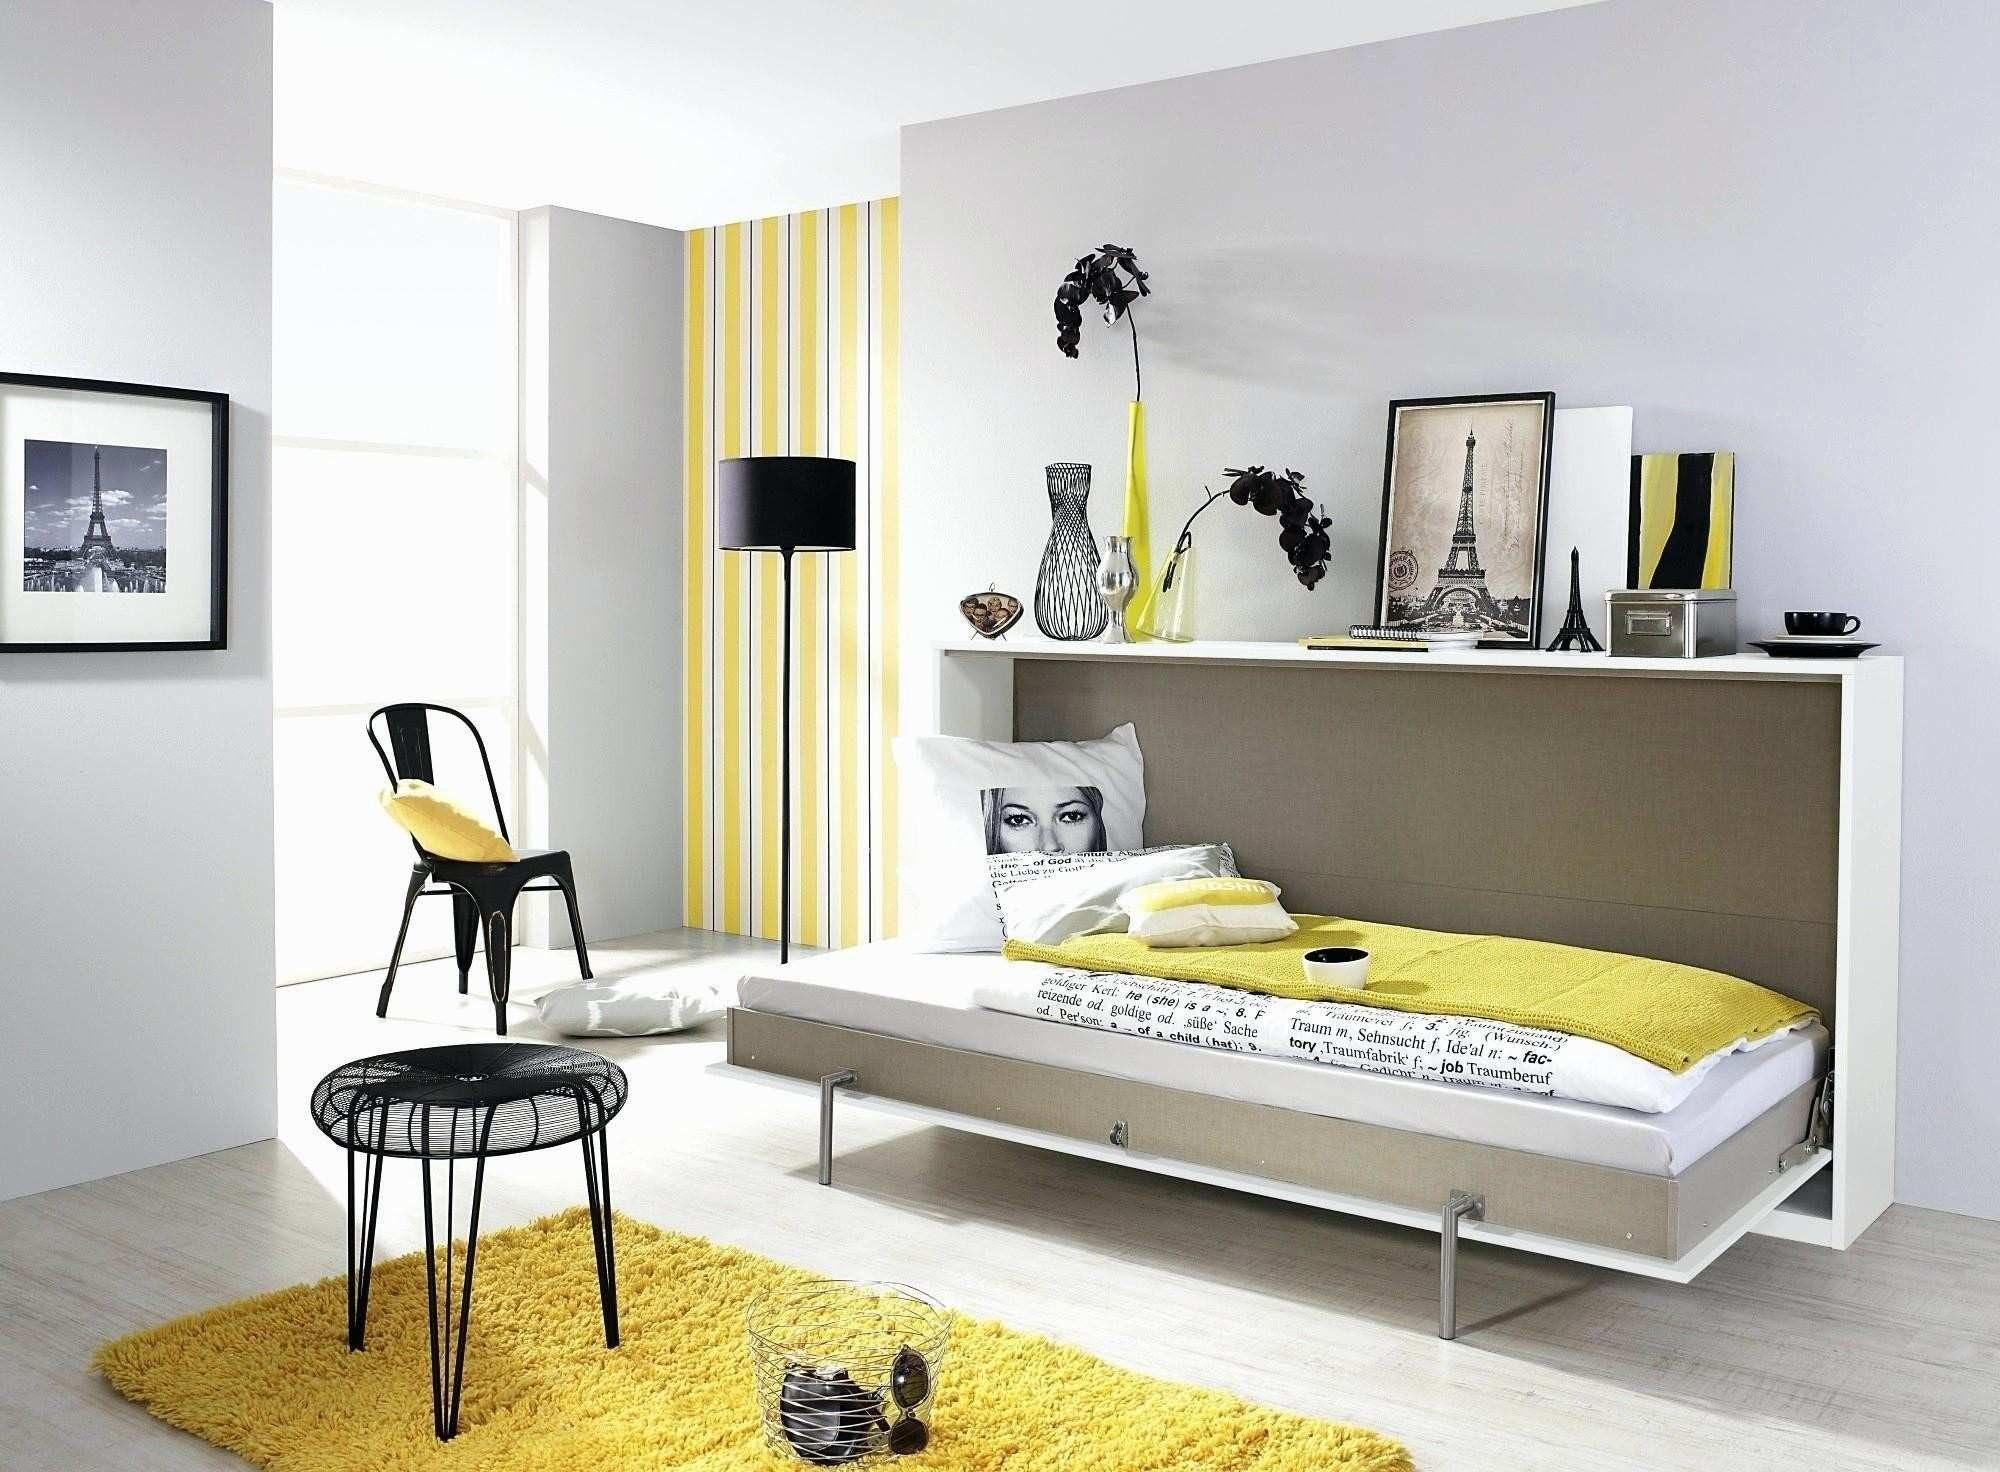 Enchanteur Canape 2 Place Ikea Et Lit Convertible 2 Places Ikea